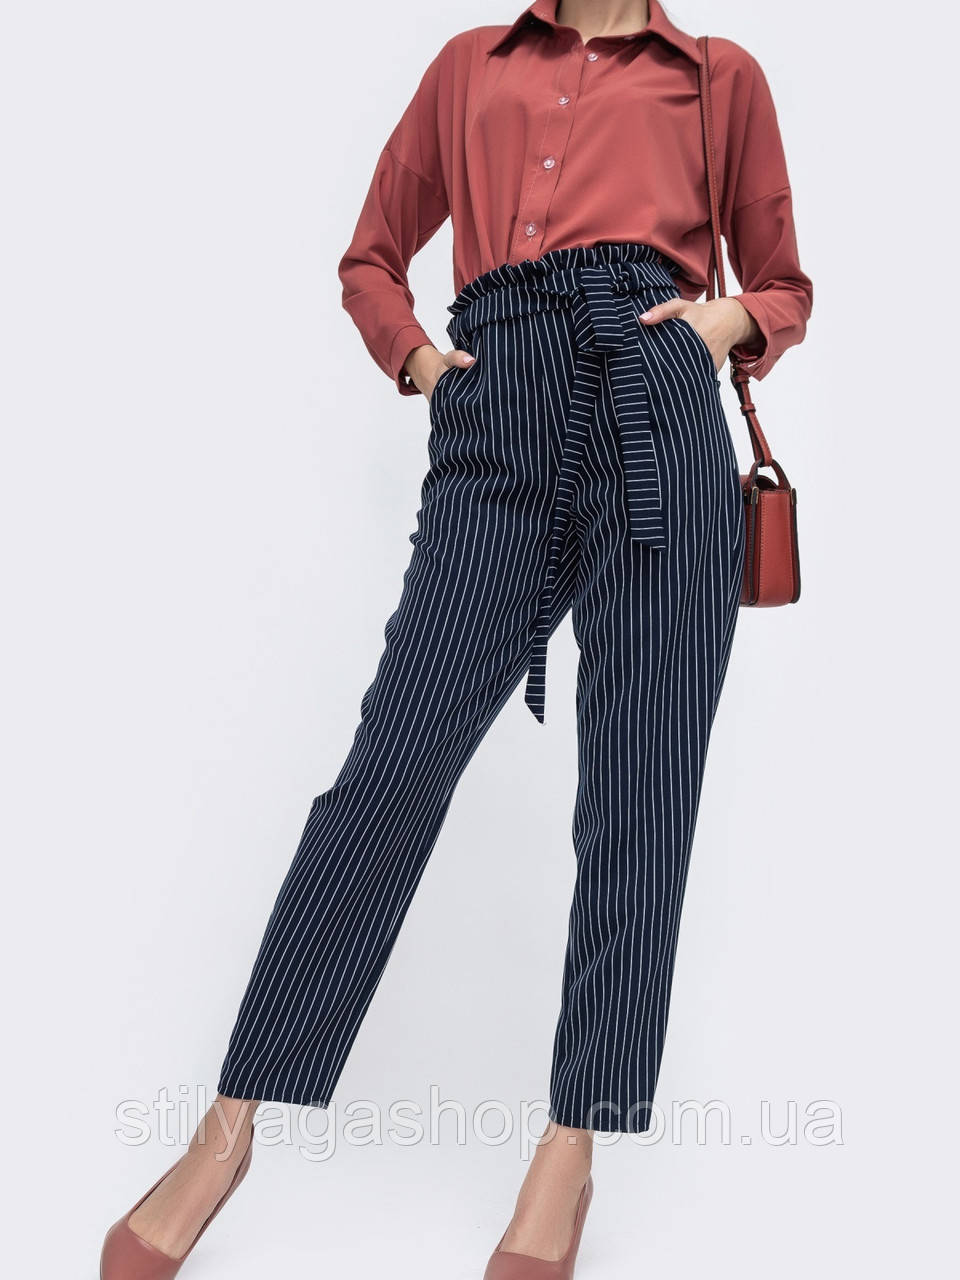 S,M,L Темно-синие брюки в полоску с высокой посадкой